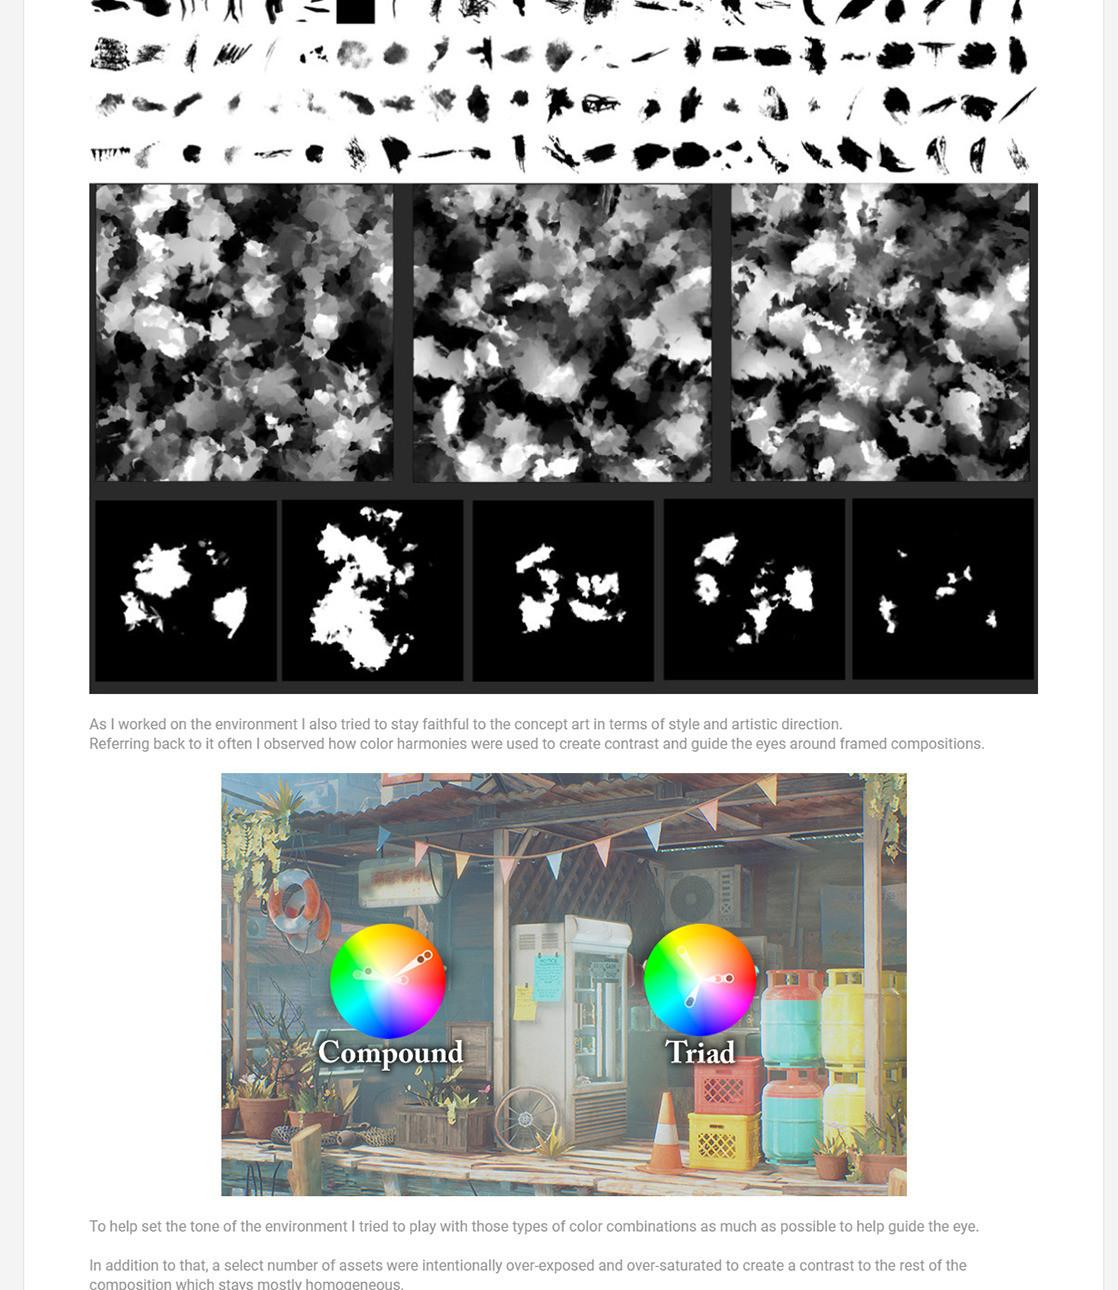 Tomer meltser image part 014